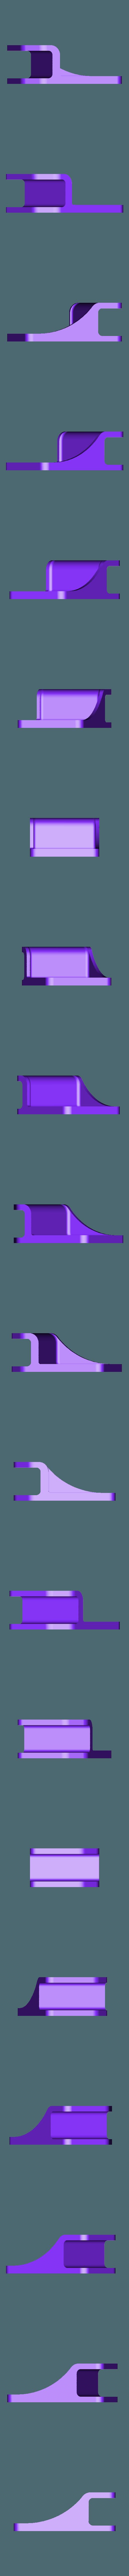 Motor_Mount_v1-3.STL Télécharger fichier STL gratuit Montage moteur décalé (RigidBot) • Plan pour impression 3D, WalterHsiao